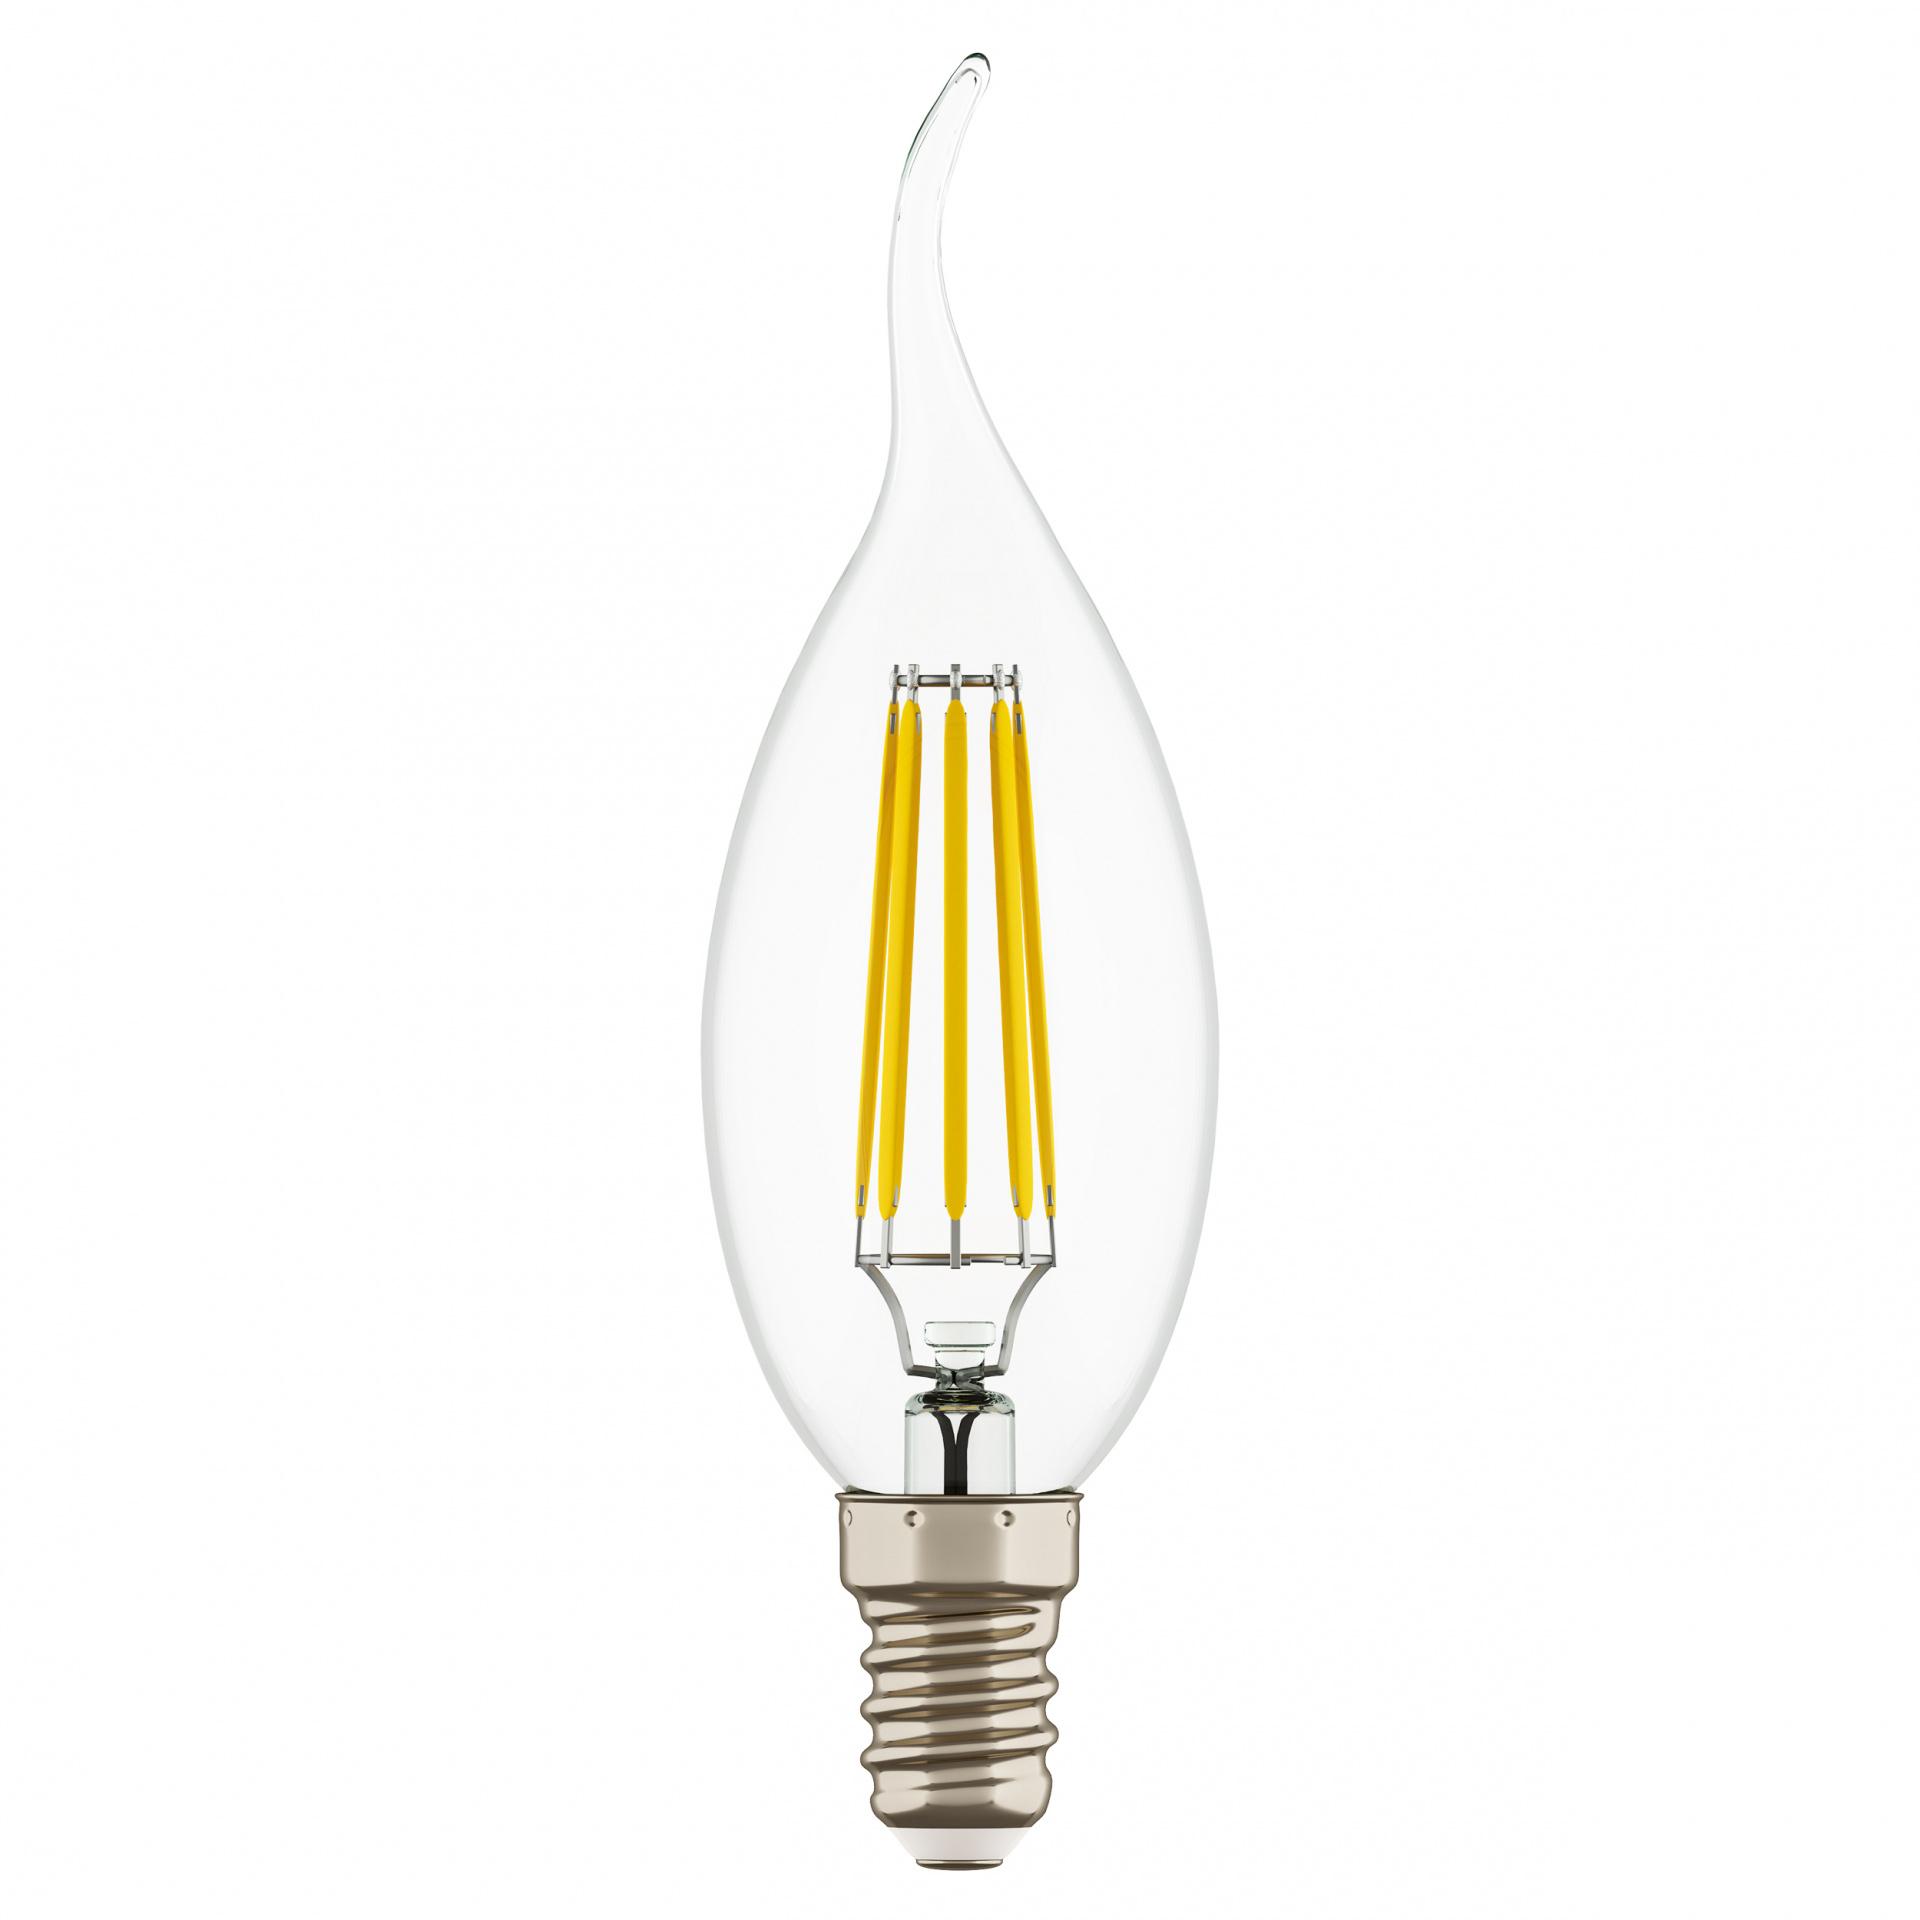 Лампа LED Filament 220V CA35 E14 6W=65W 400-430LM 360G CL 4000K 30000H Lightstar 933604, купить в СПб, Москве, с доставкой, Санкт-Петербург, интернет-магазин люстр и светильников Starlight, фото в жизни